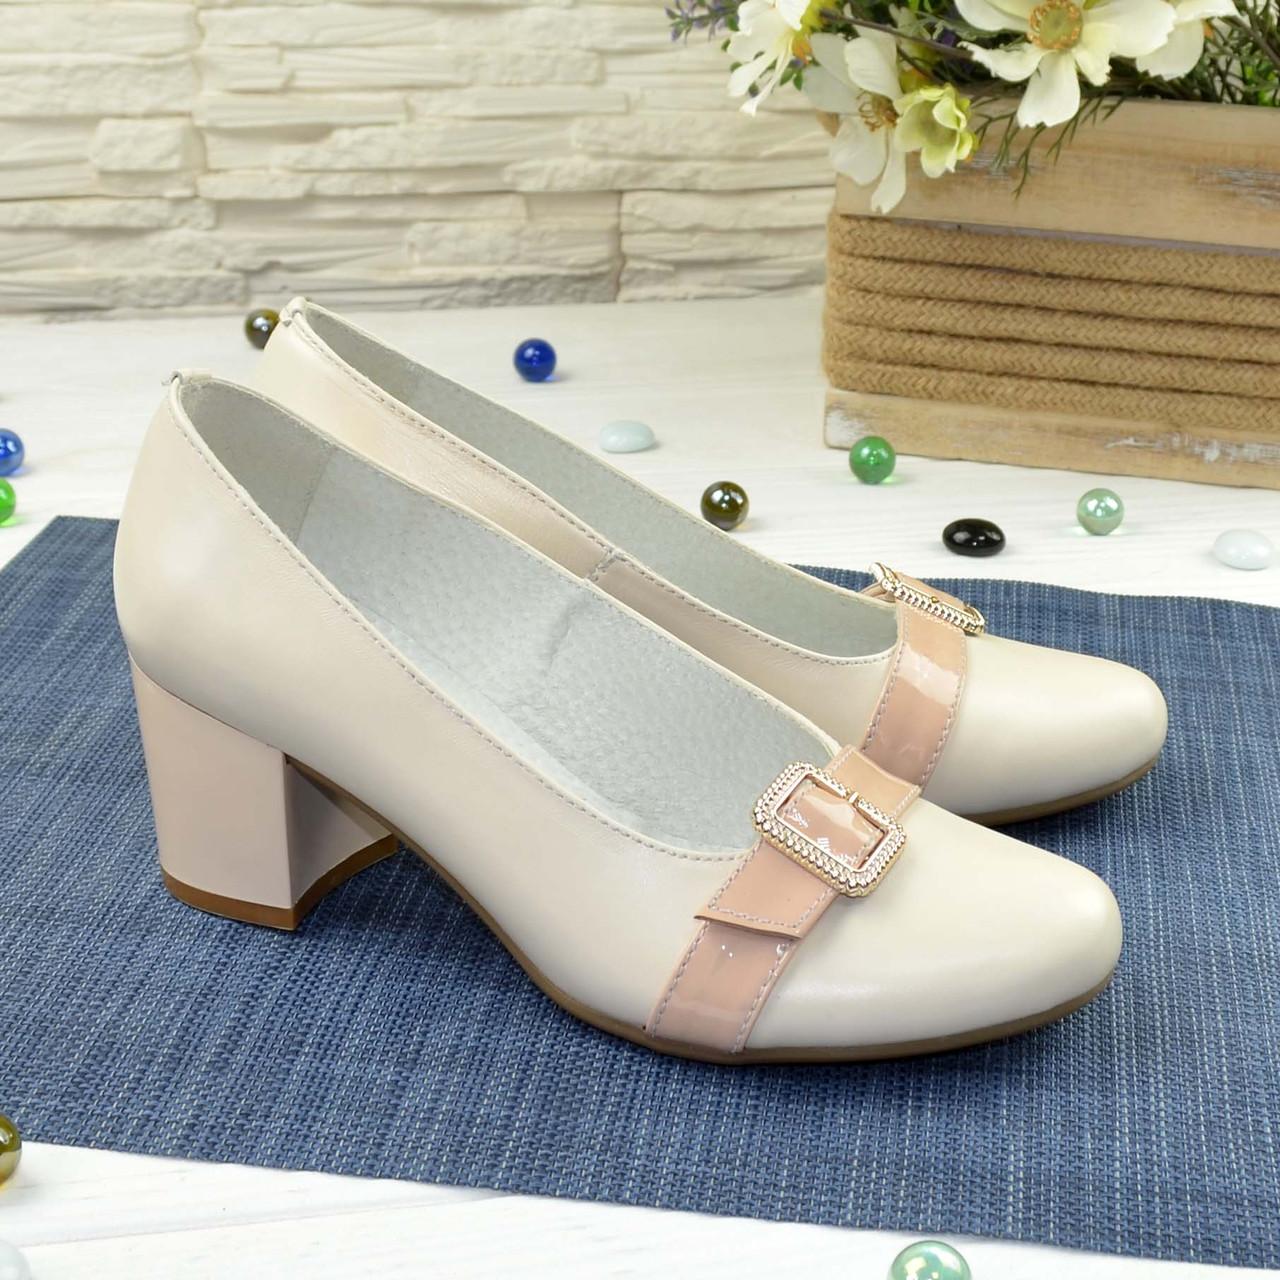 Женские светлые кожаные туфли на невысоком каблуке, декорированы брошкой